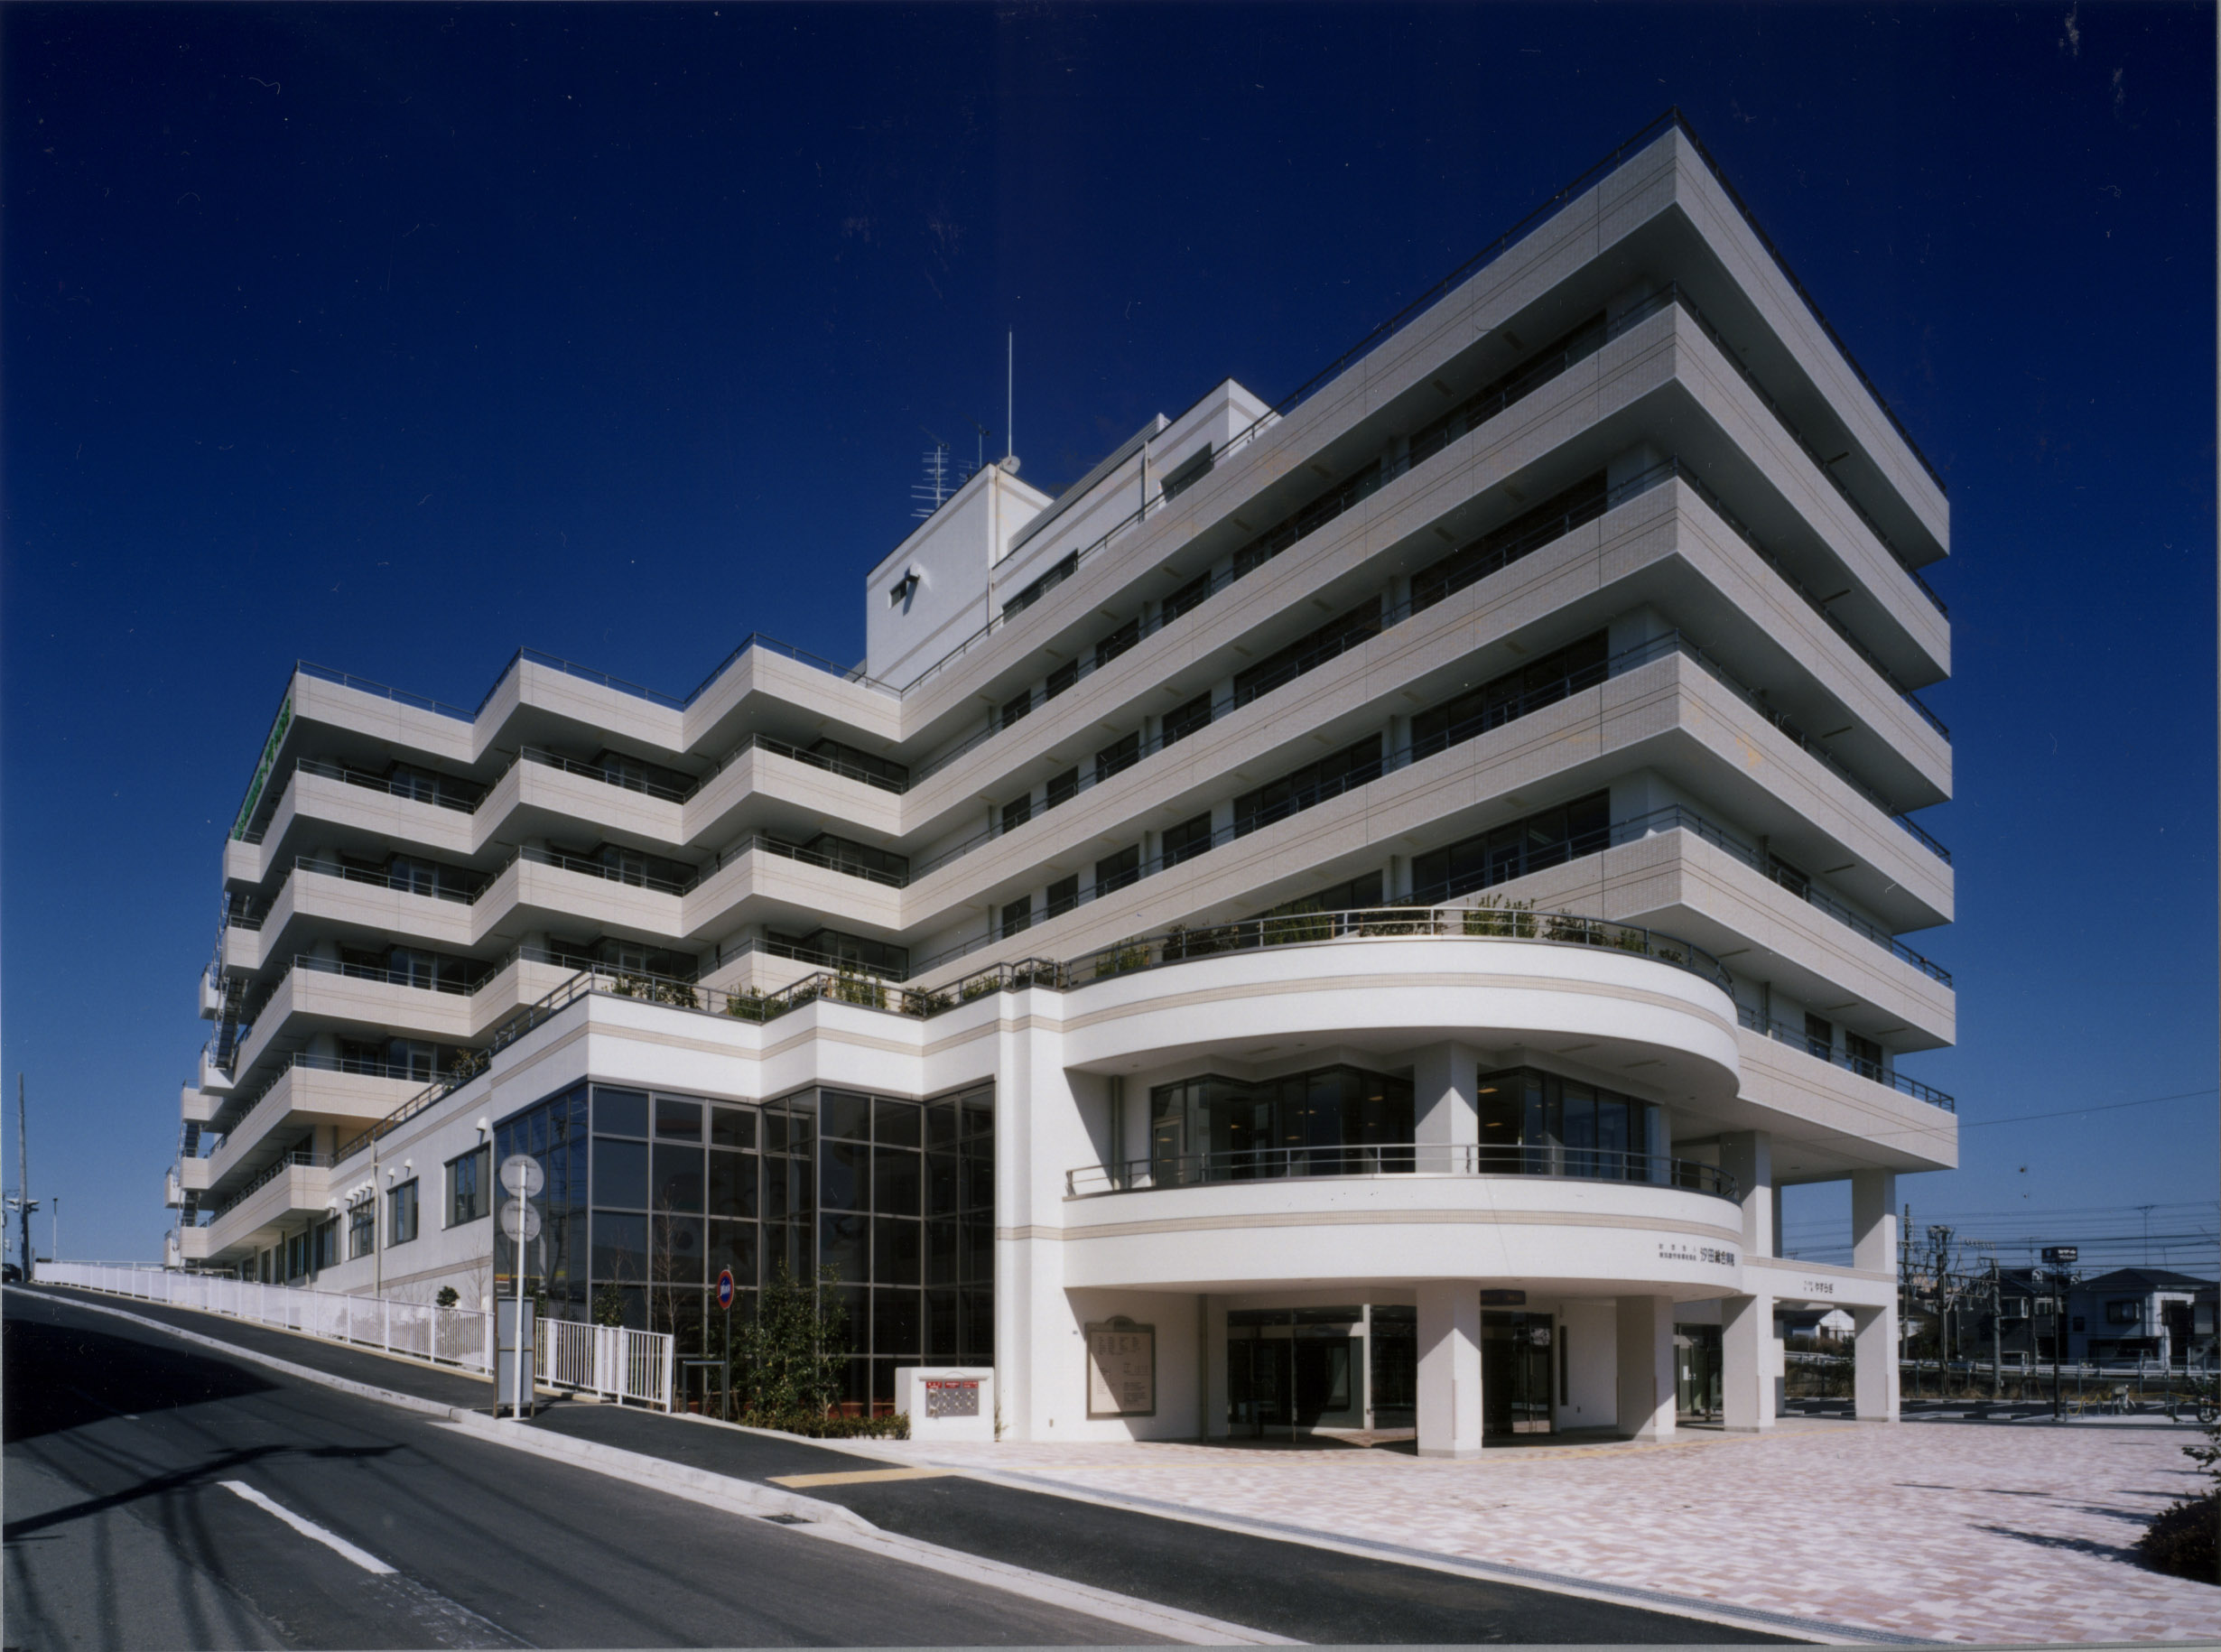 当院は横浜や東京、羽田空港等にアクセスしやすい川崎駅から1つ目のJR尻手(しって)駅下車、徒歩7分のところにあります。